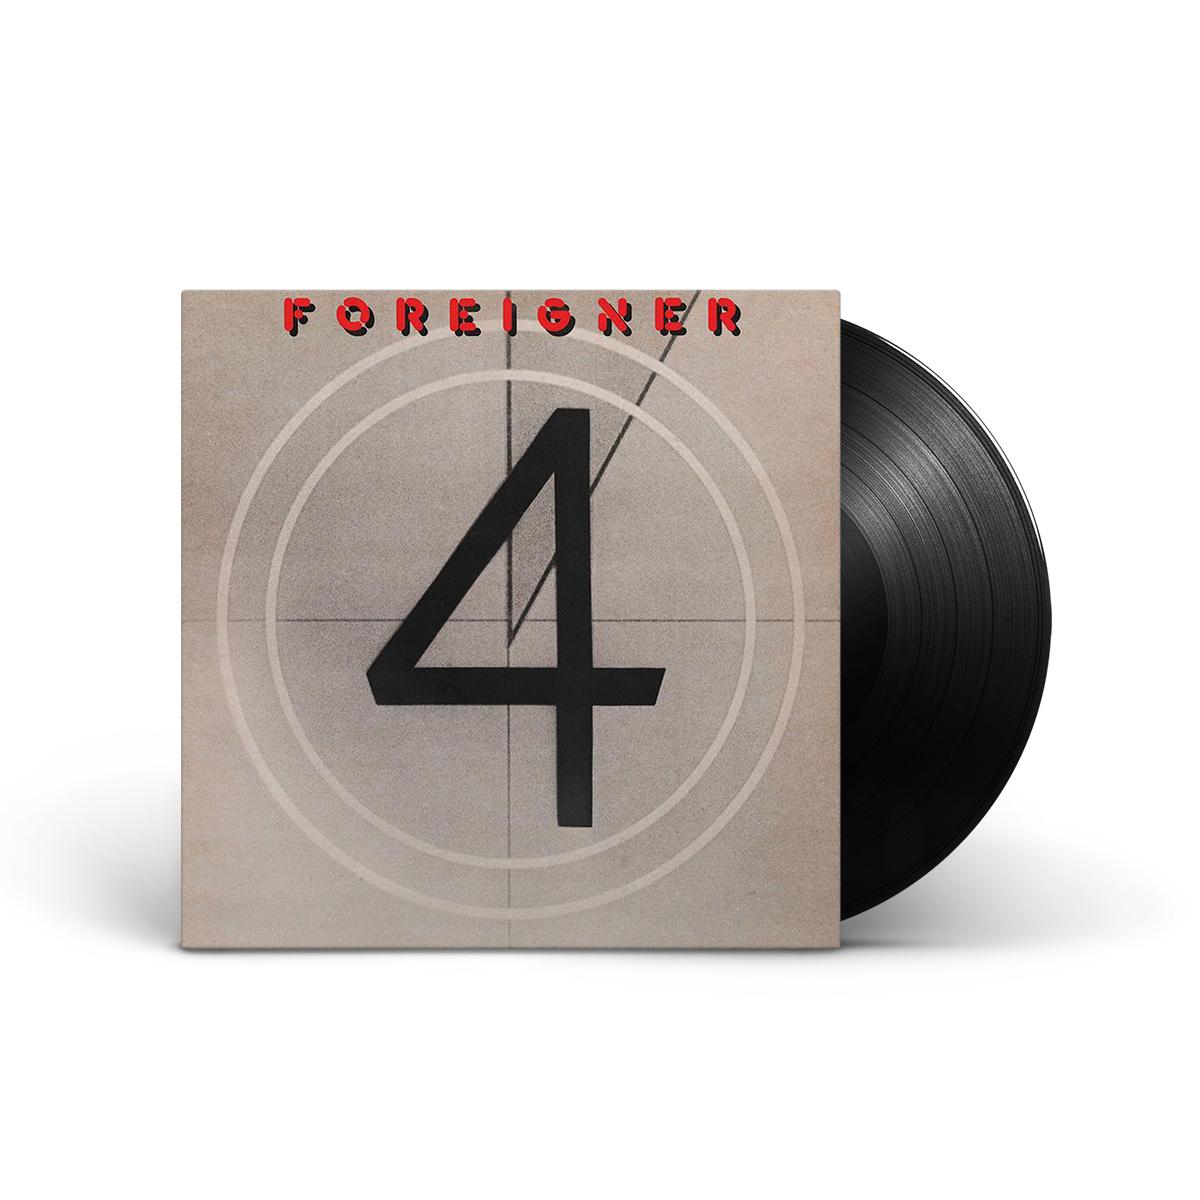 Foreigner 4 (180 Gram Vinyl) LP